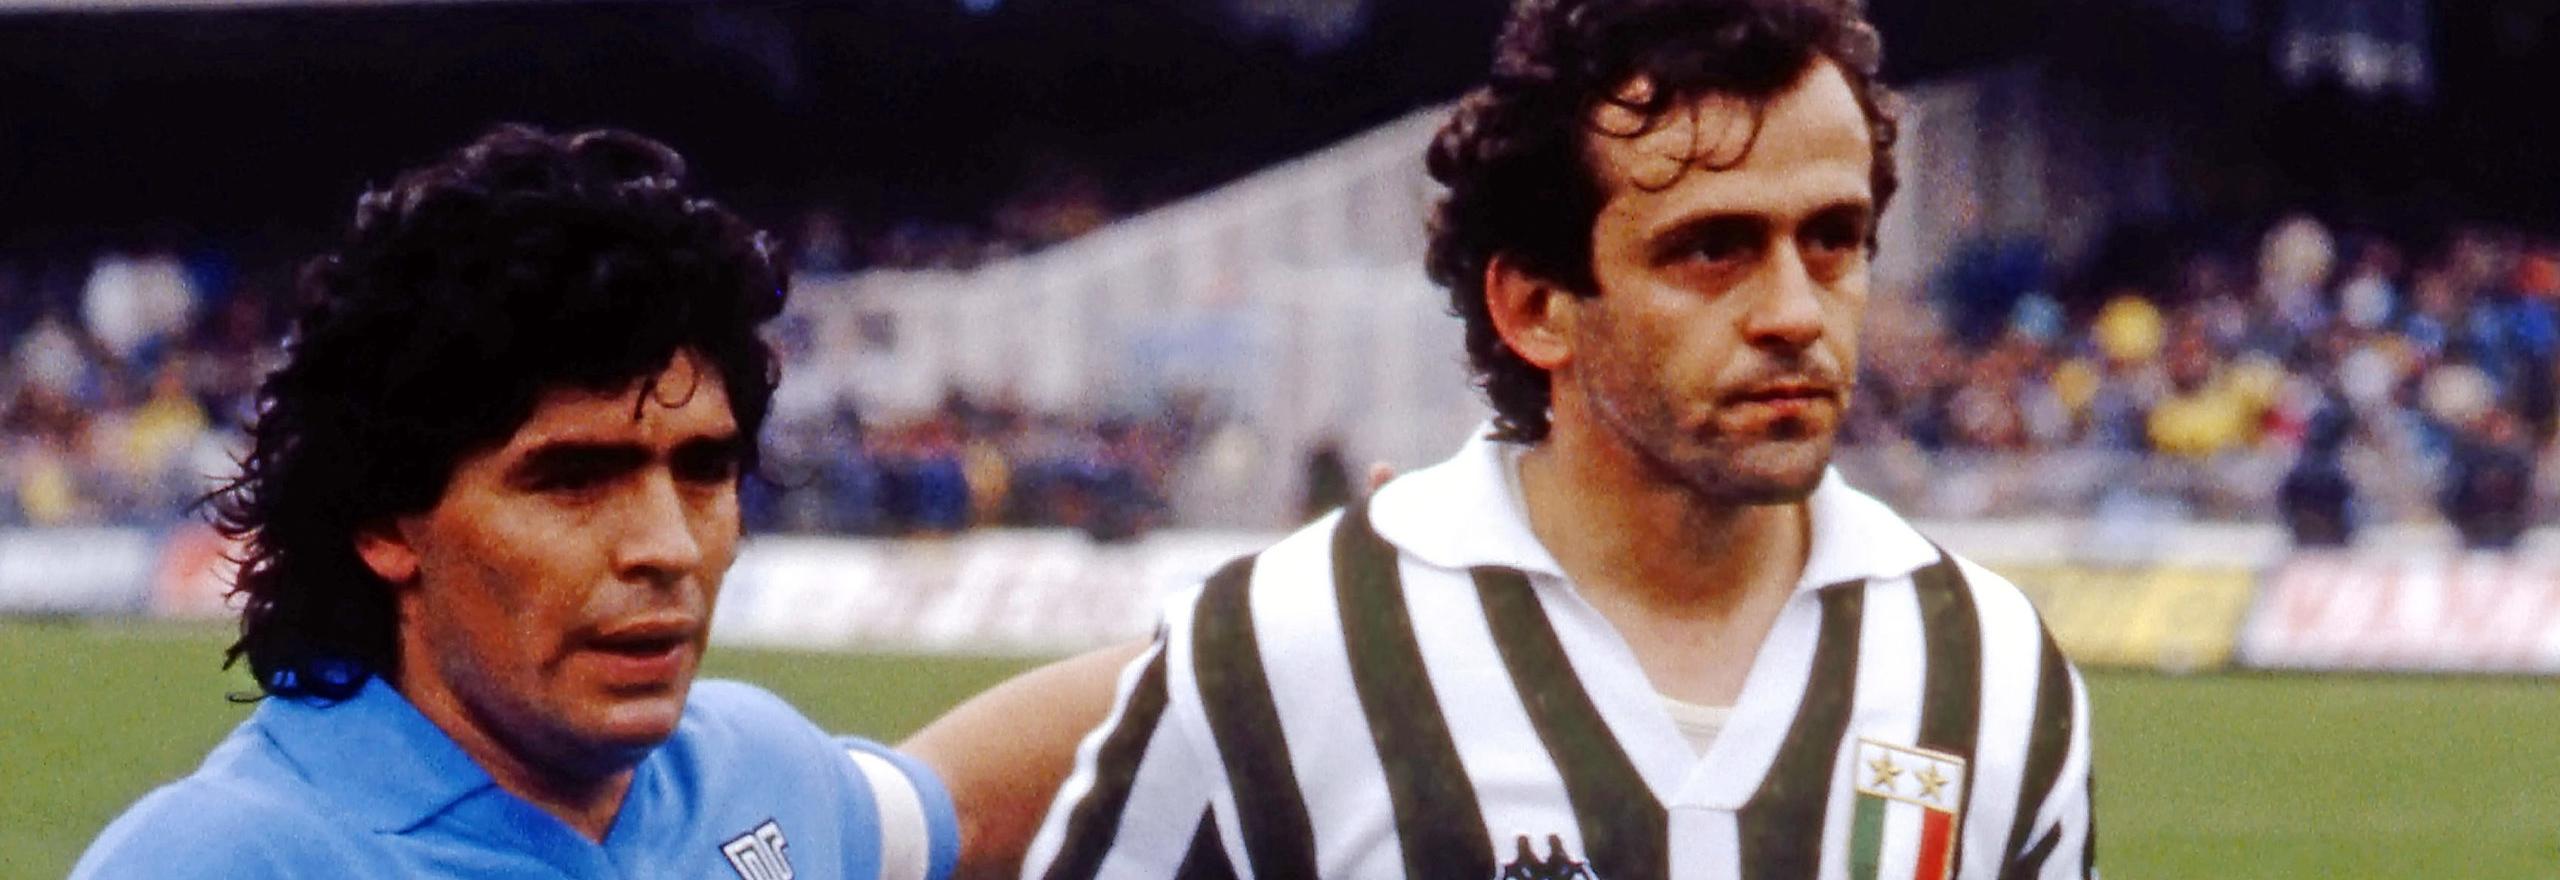 Stranieri in Serie A: i 10 top campioni e i 10 peggiori bidoni arrivati dal calciomercato